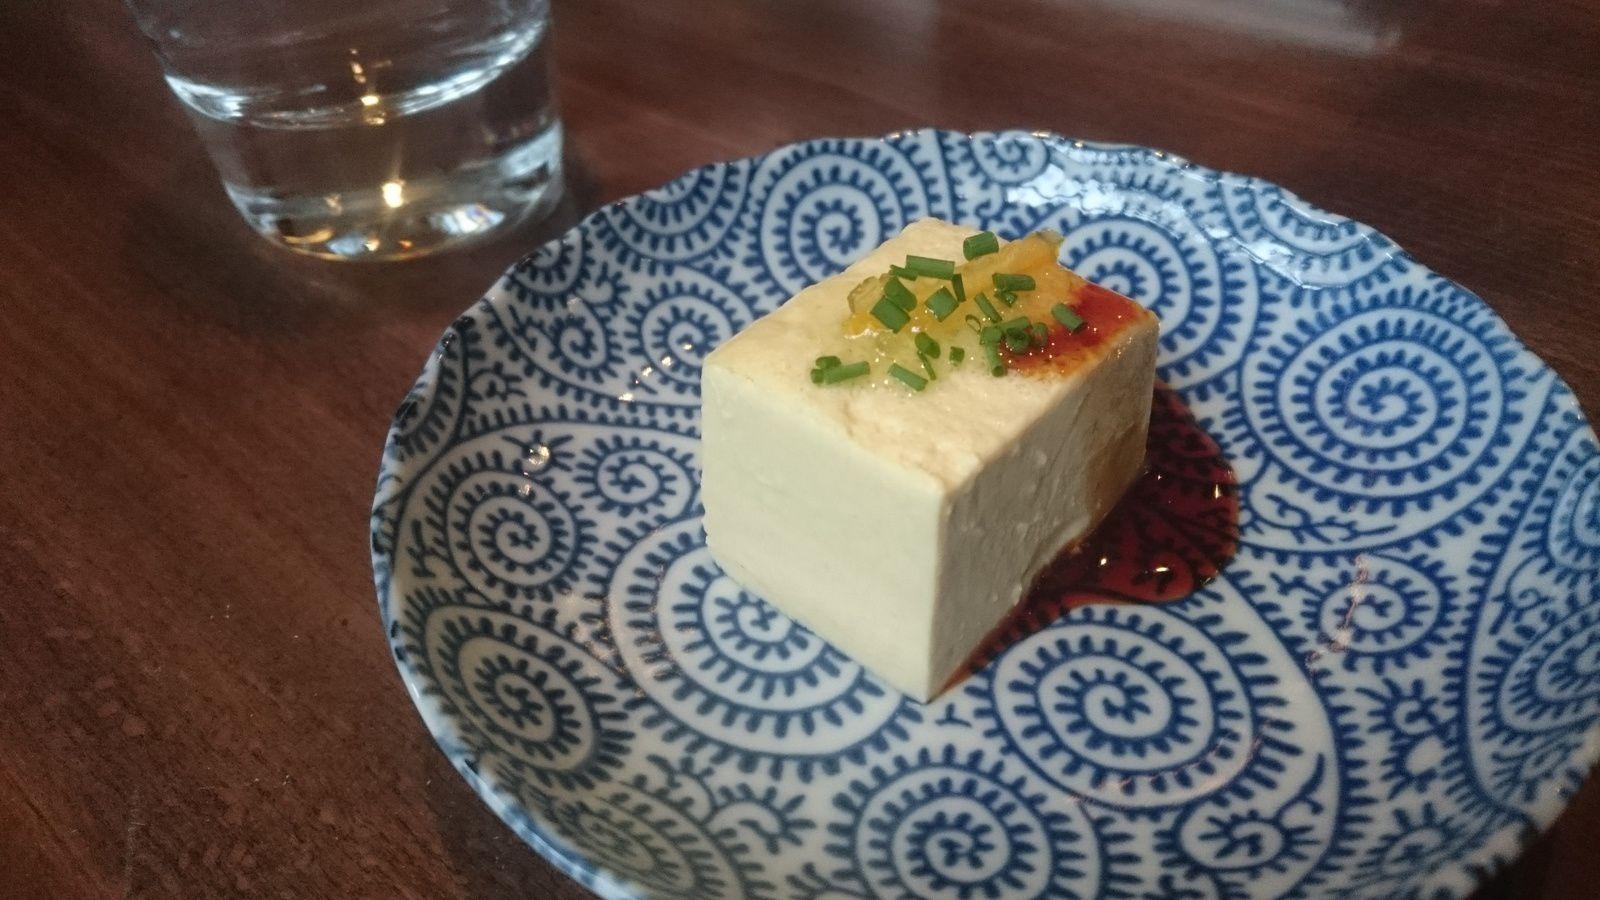 Flan de foie gras au yuzu arrosé de sauce soja sucrée.